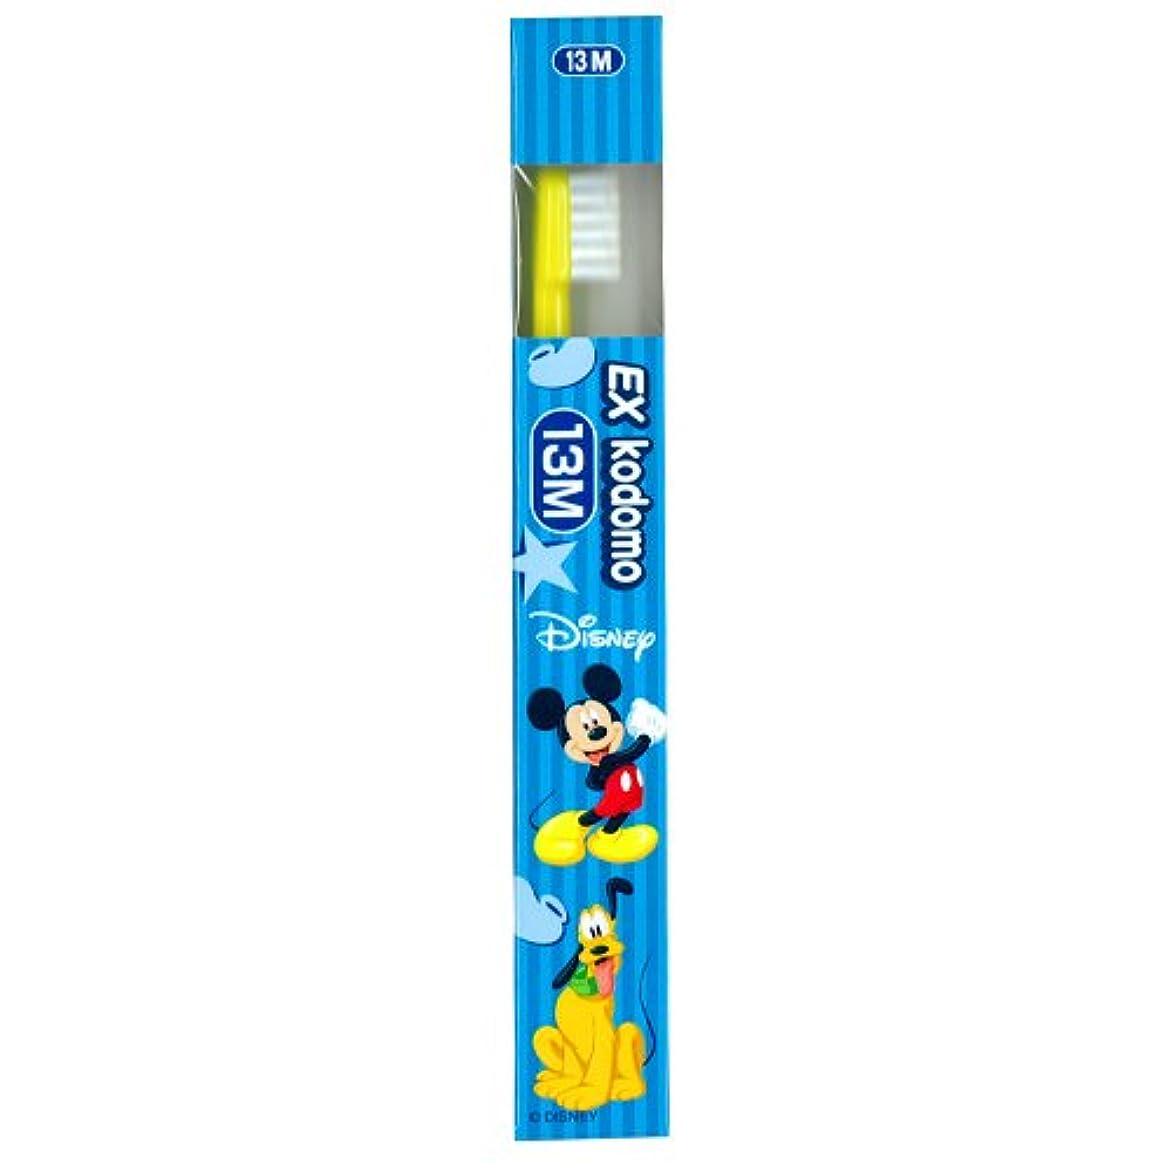 パケット八発明ライオン EX kodomo ディズニー 歯ブラシ 1本 13M イエロー